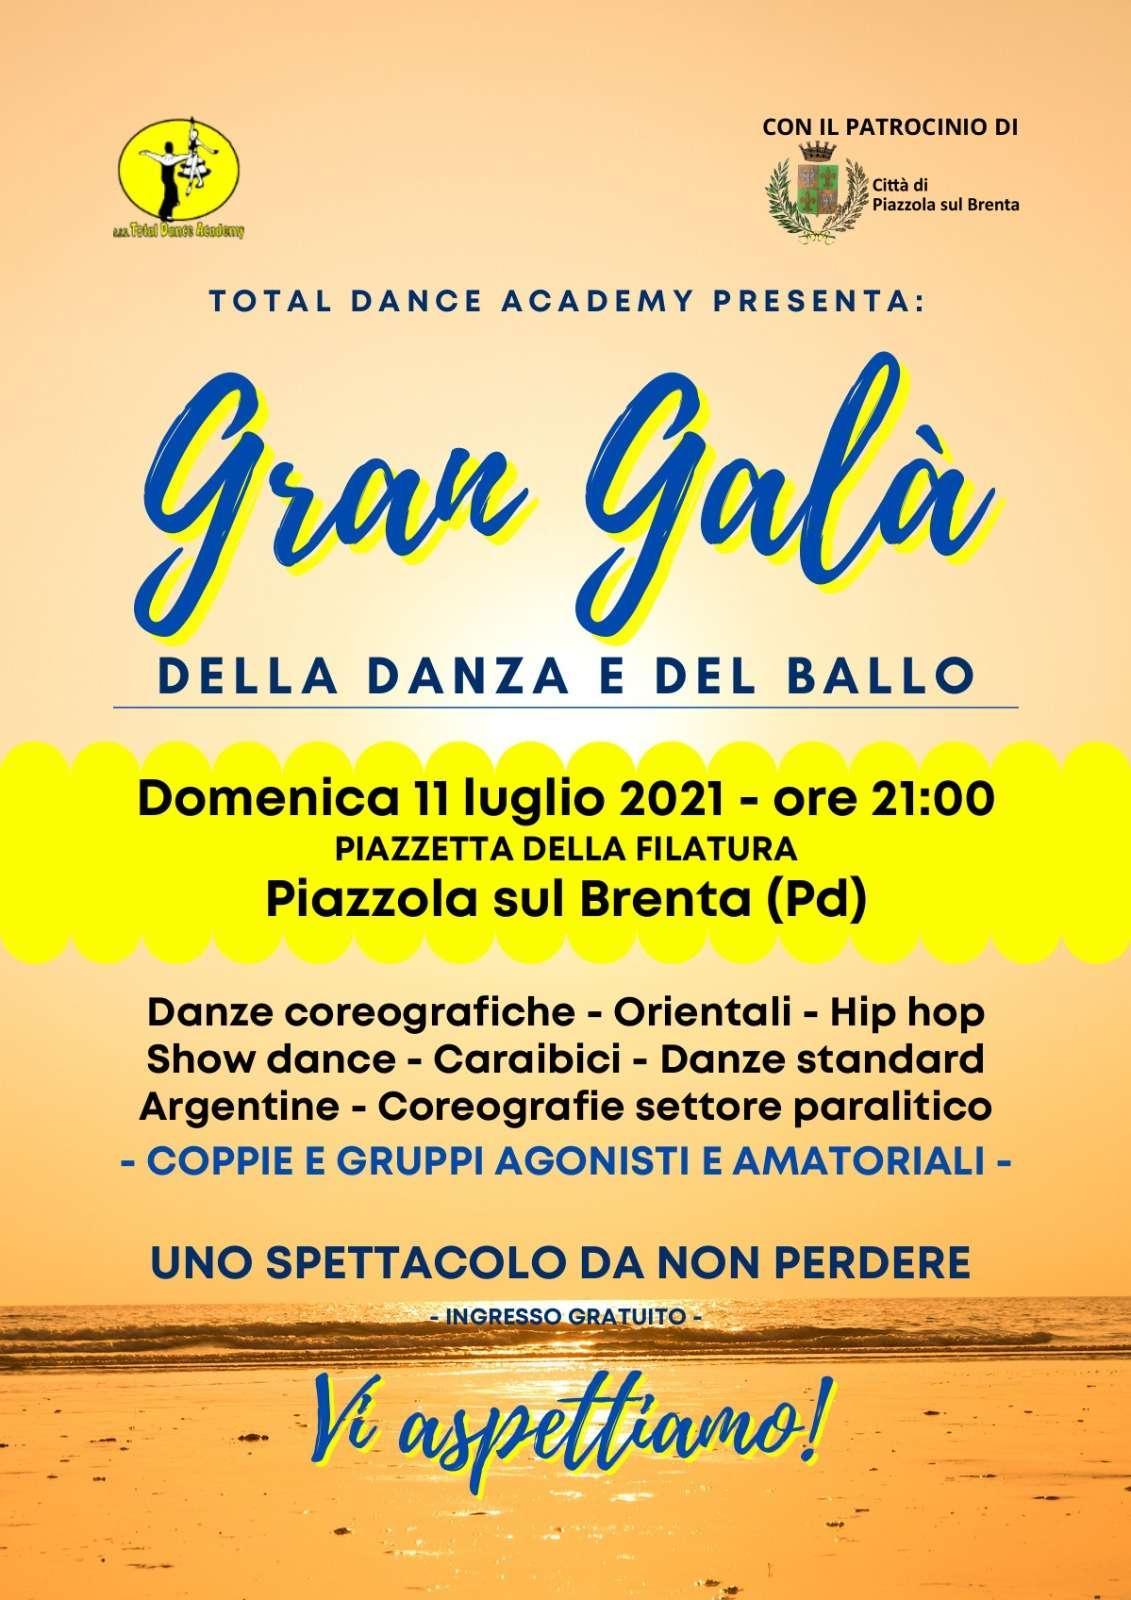 Gran Galà della danza e del ballo